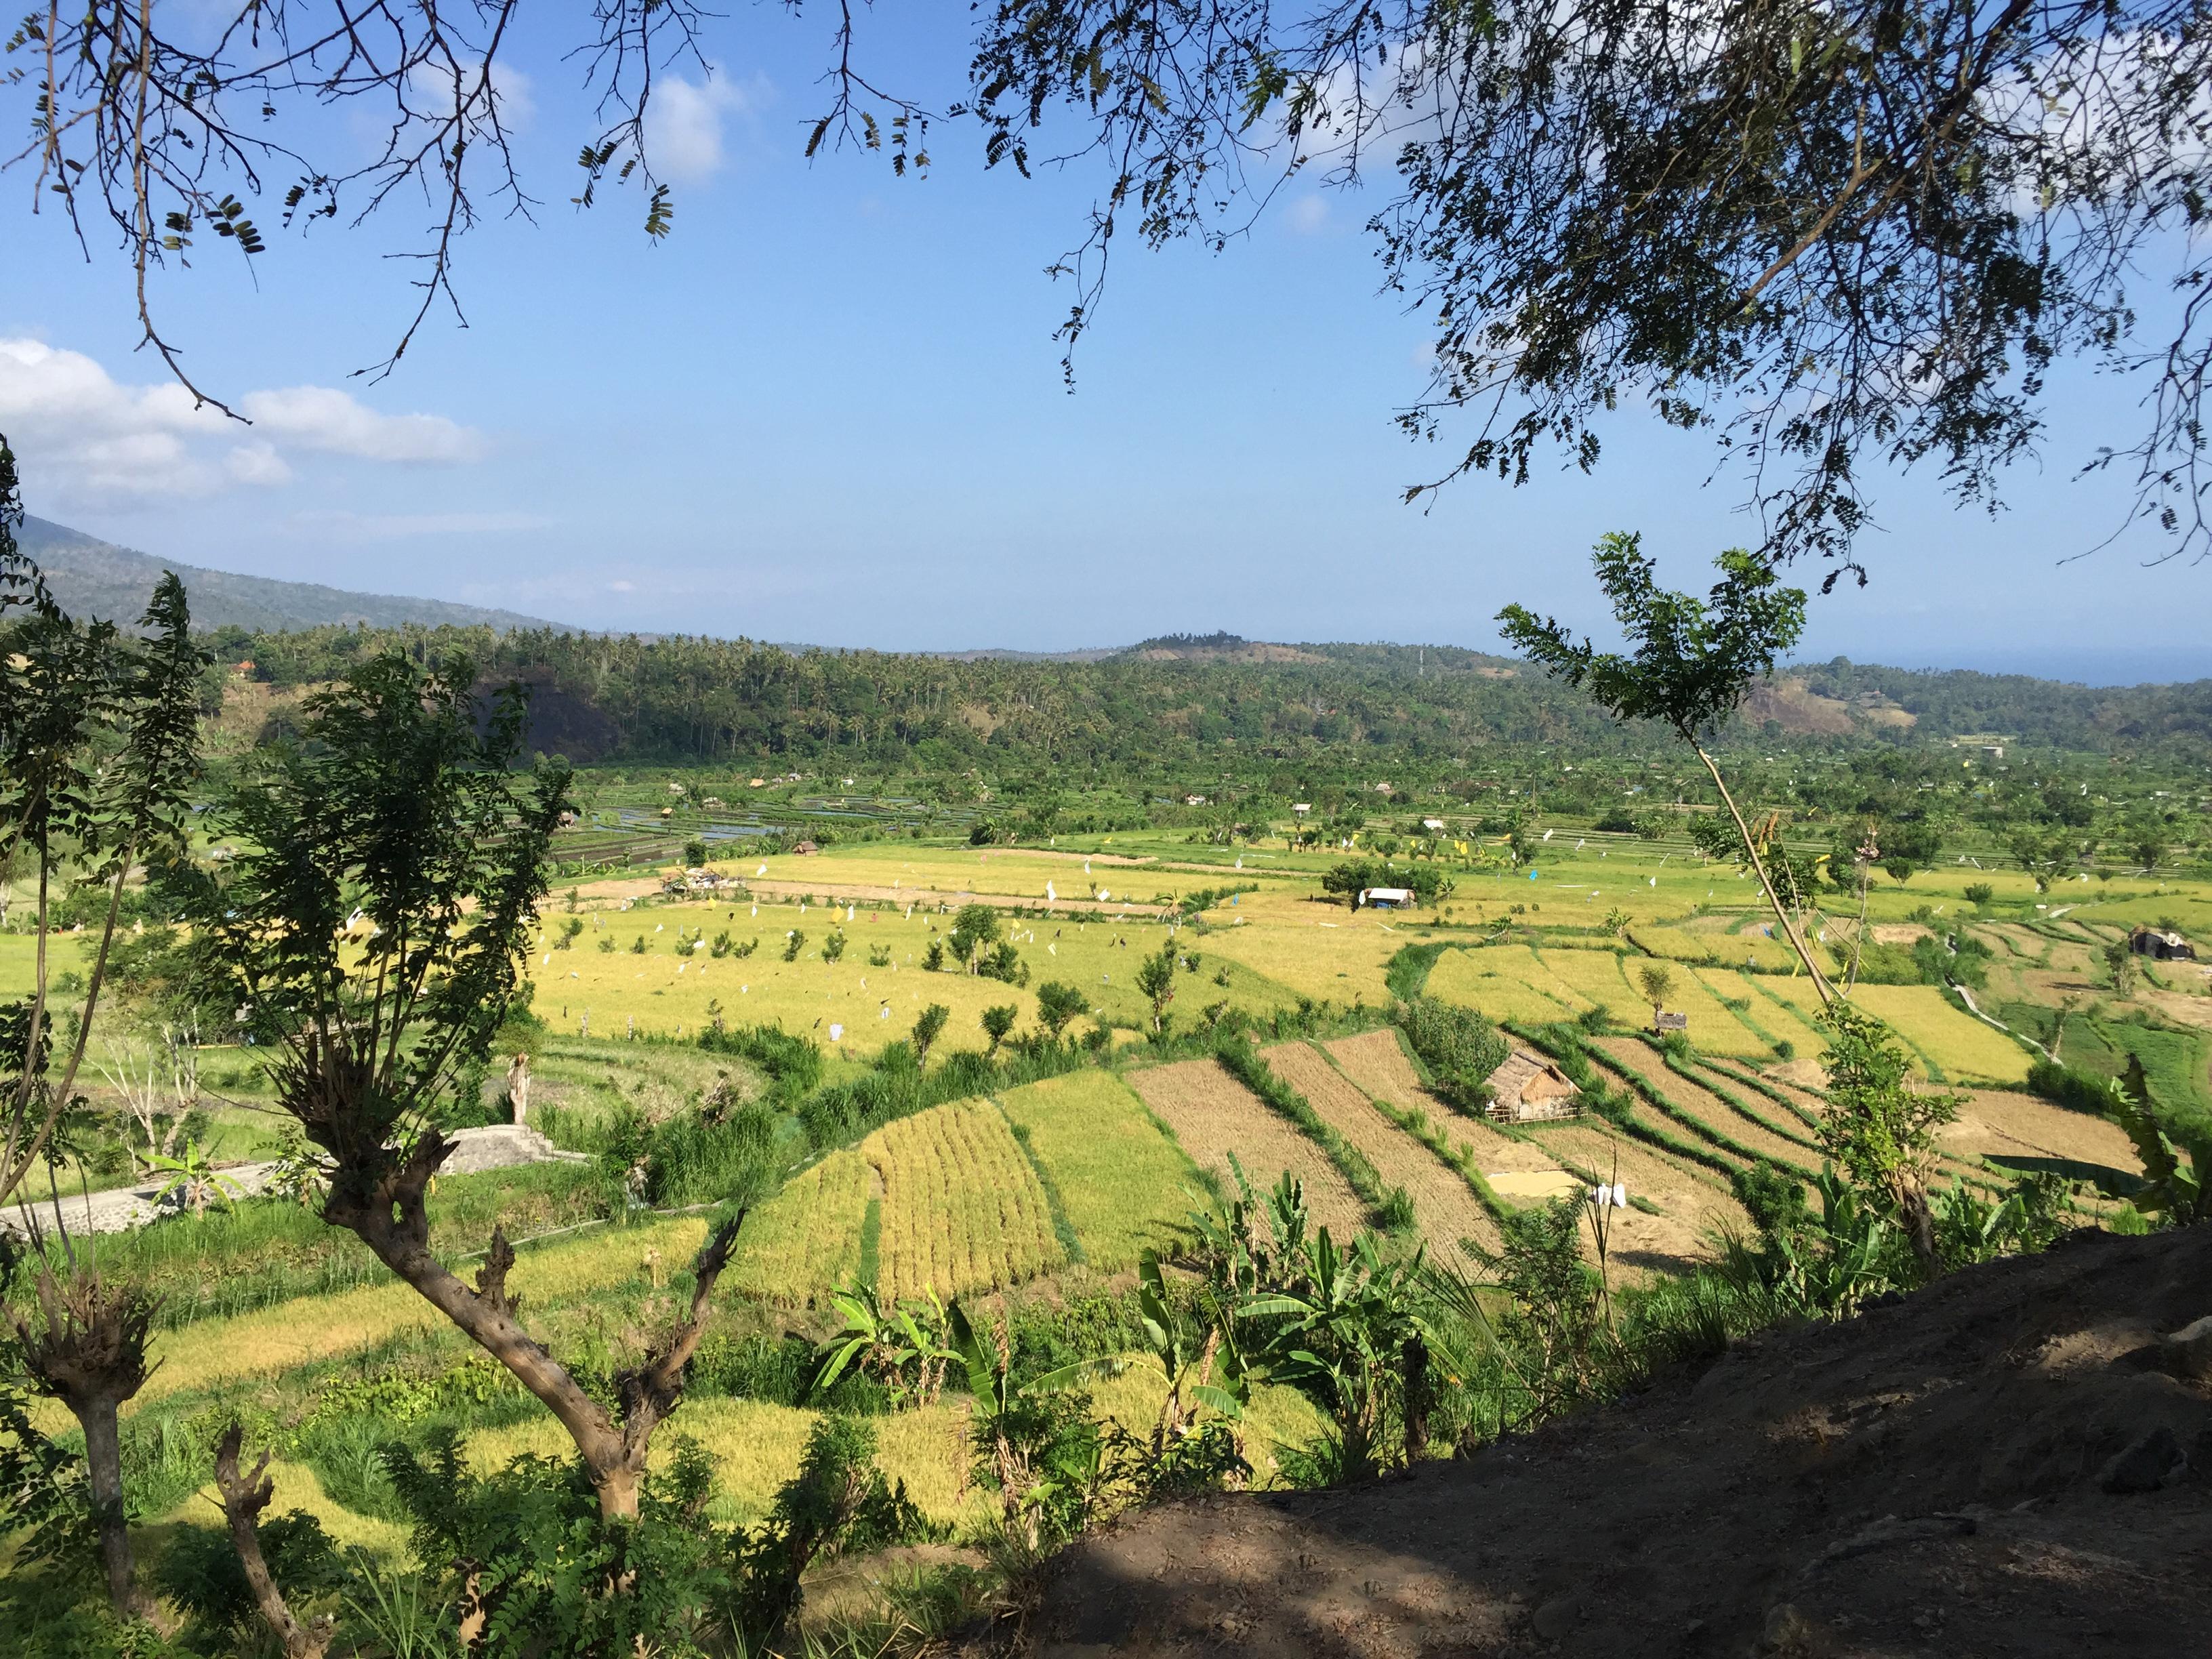 tourameo-reiseplanung-reiseziel-indonesien-bali-reisterrasse